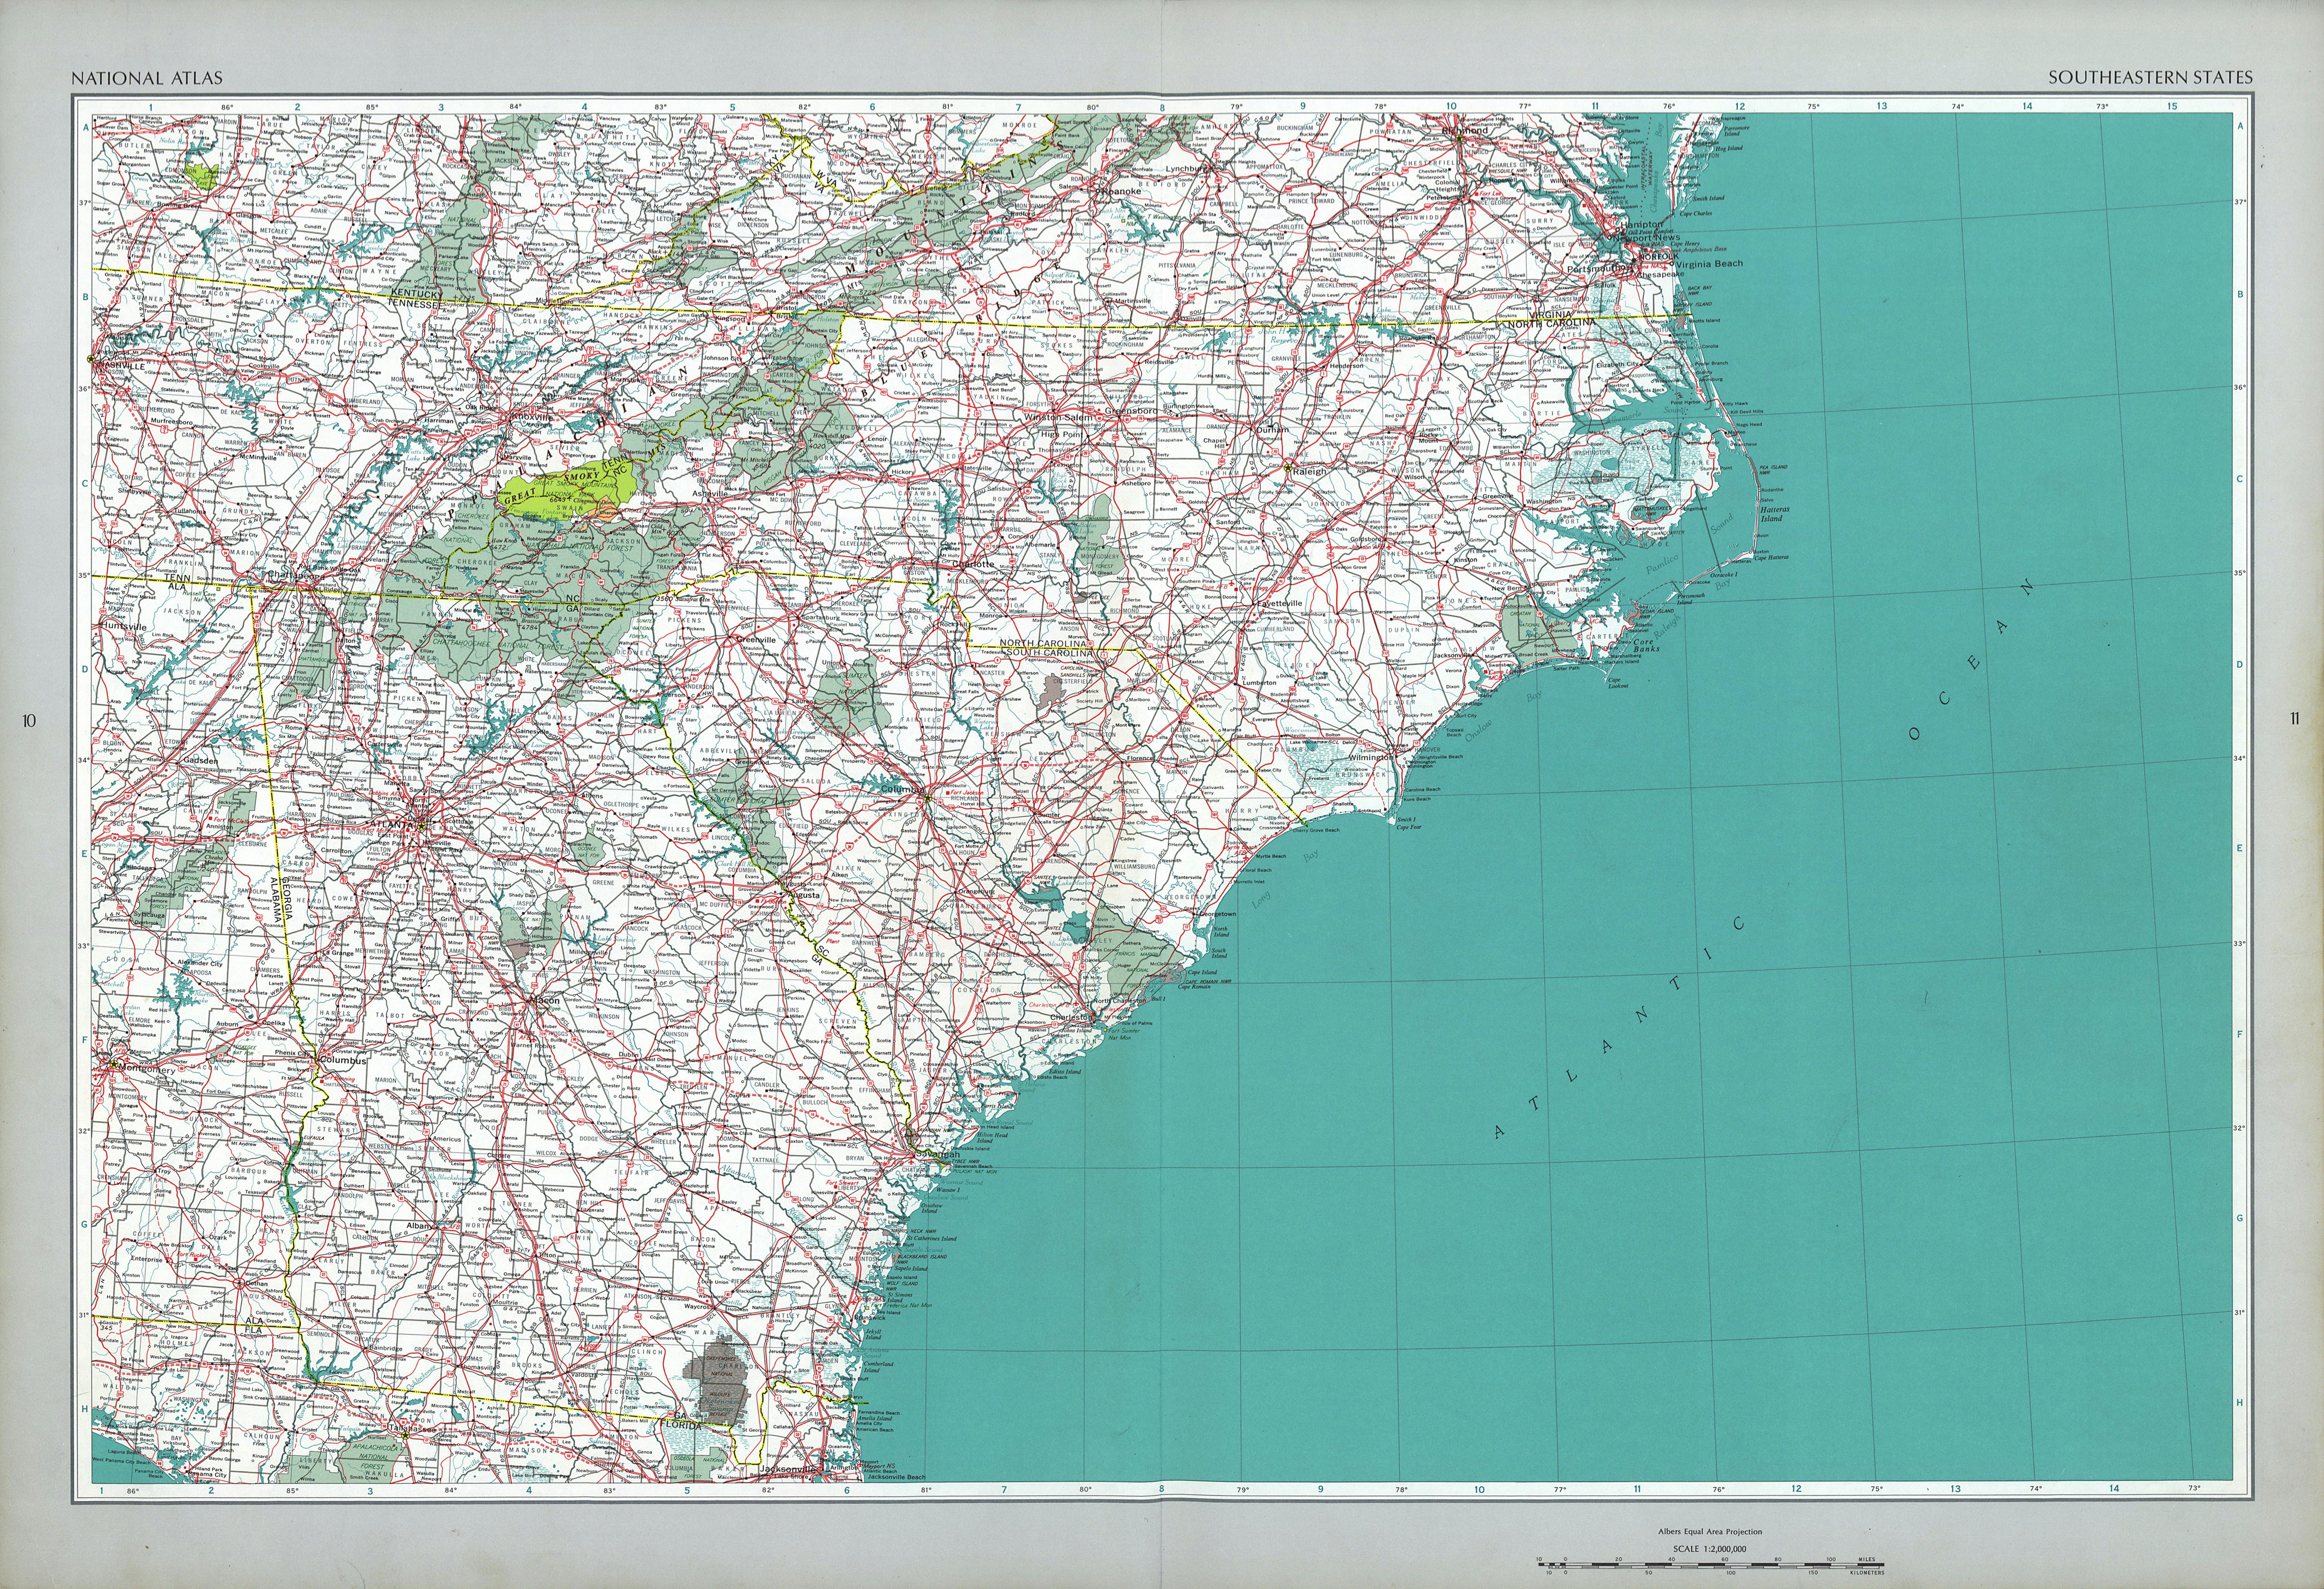 Mapa de los Estados Surorientales de Estados Unidos